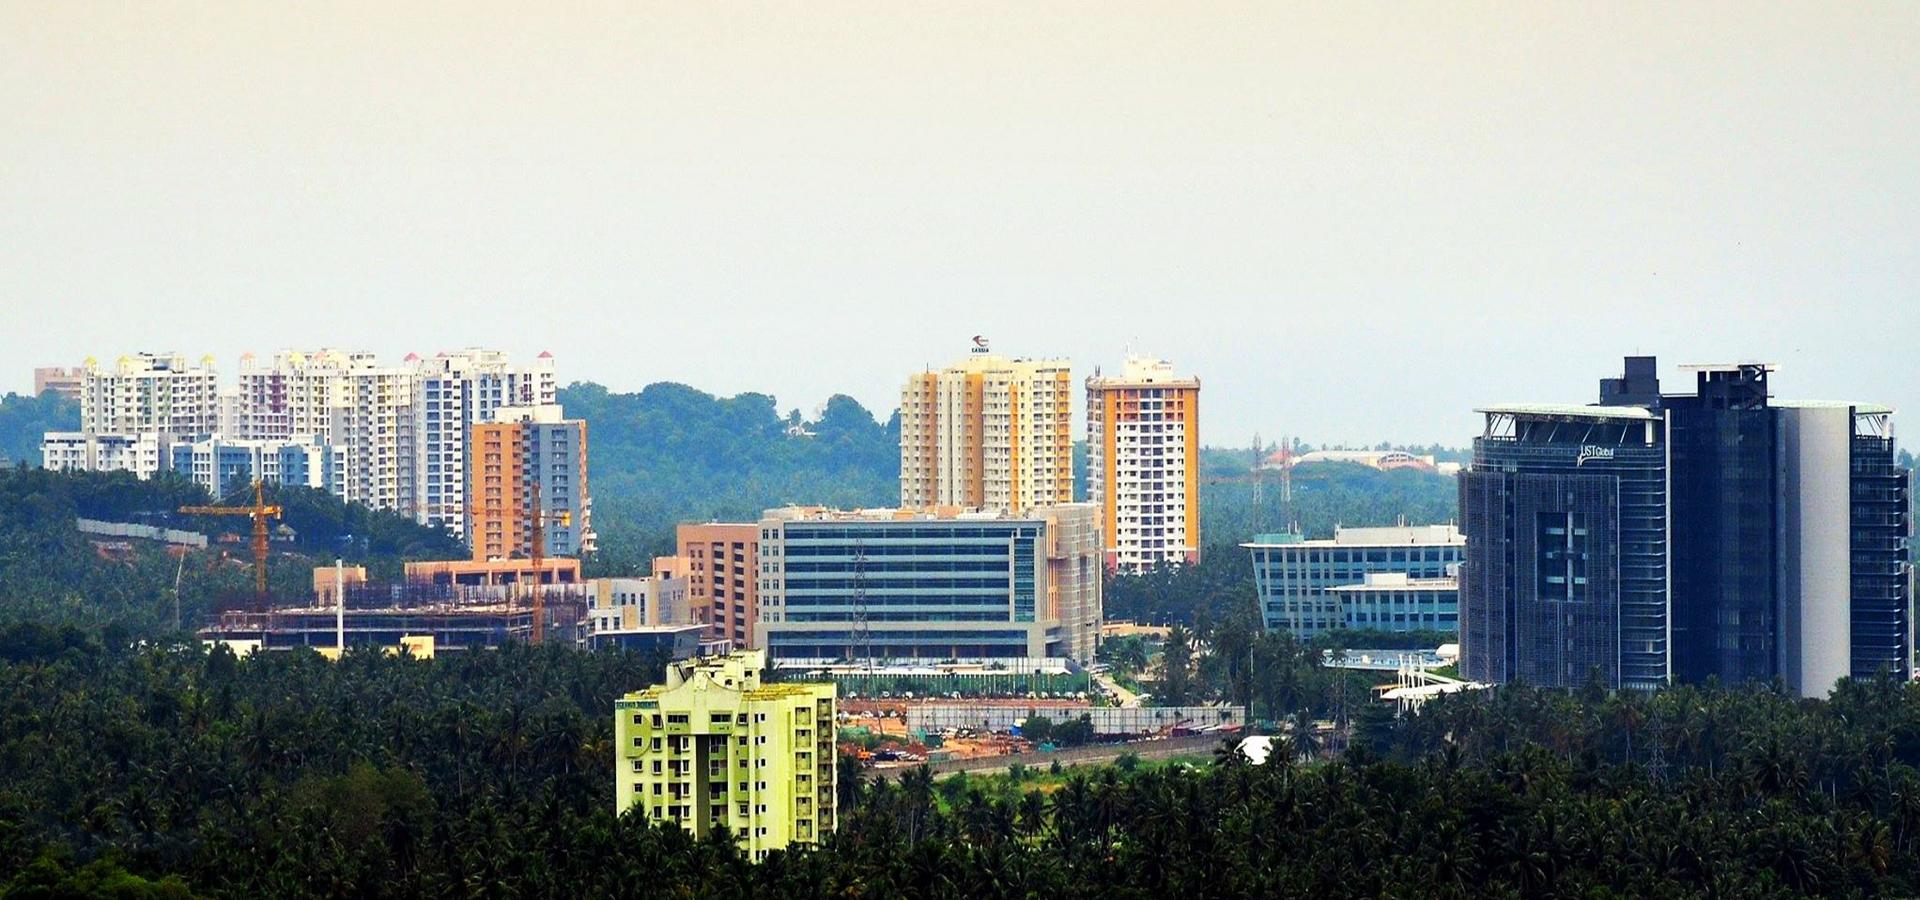 <b>Trivandrum, Kerala, India</b>